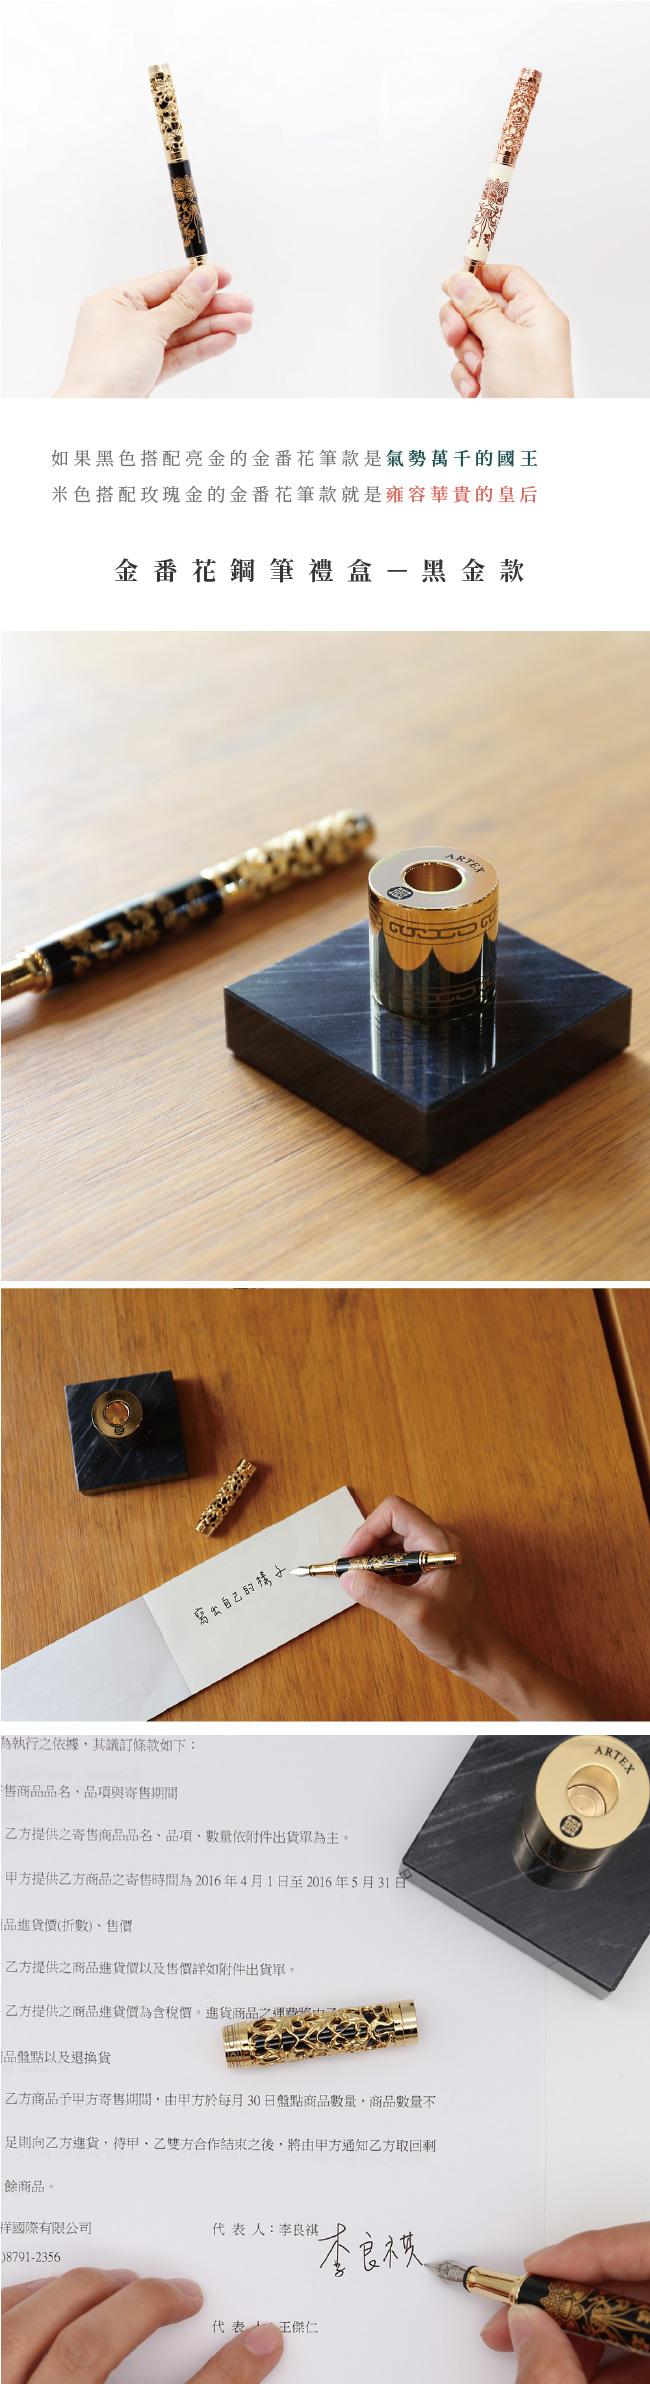 (複製)ARTEX|國立故宮博物院聯名 金番花鋼珠筆禮盒